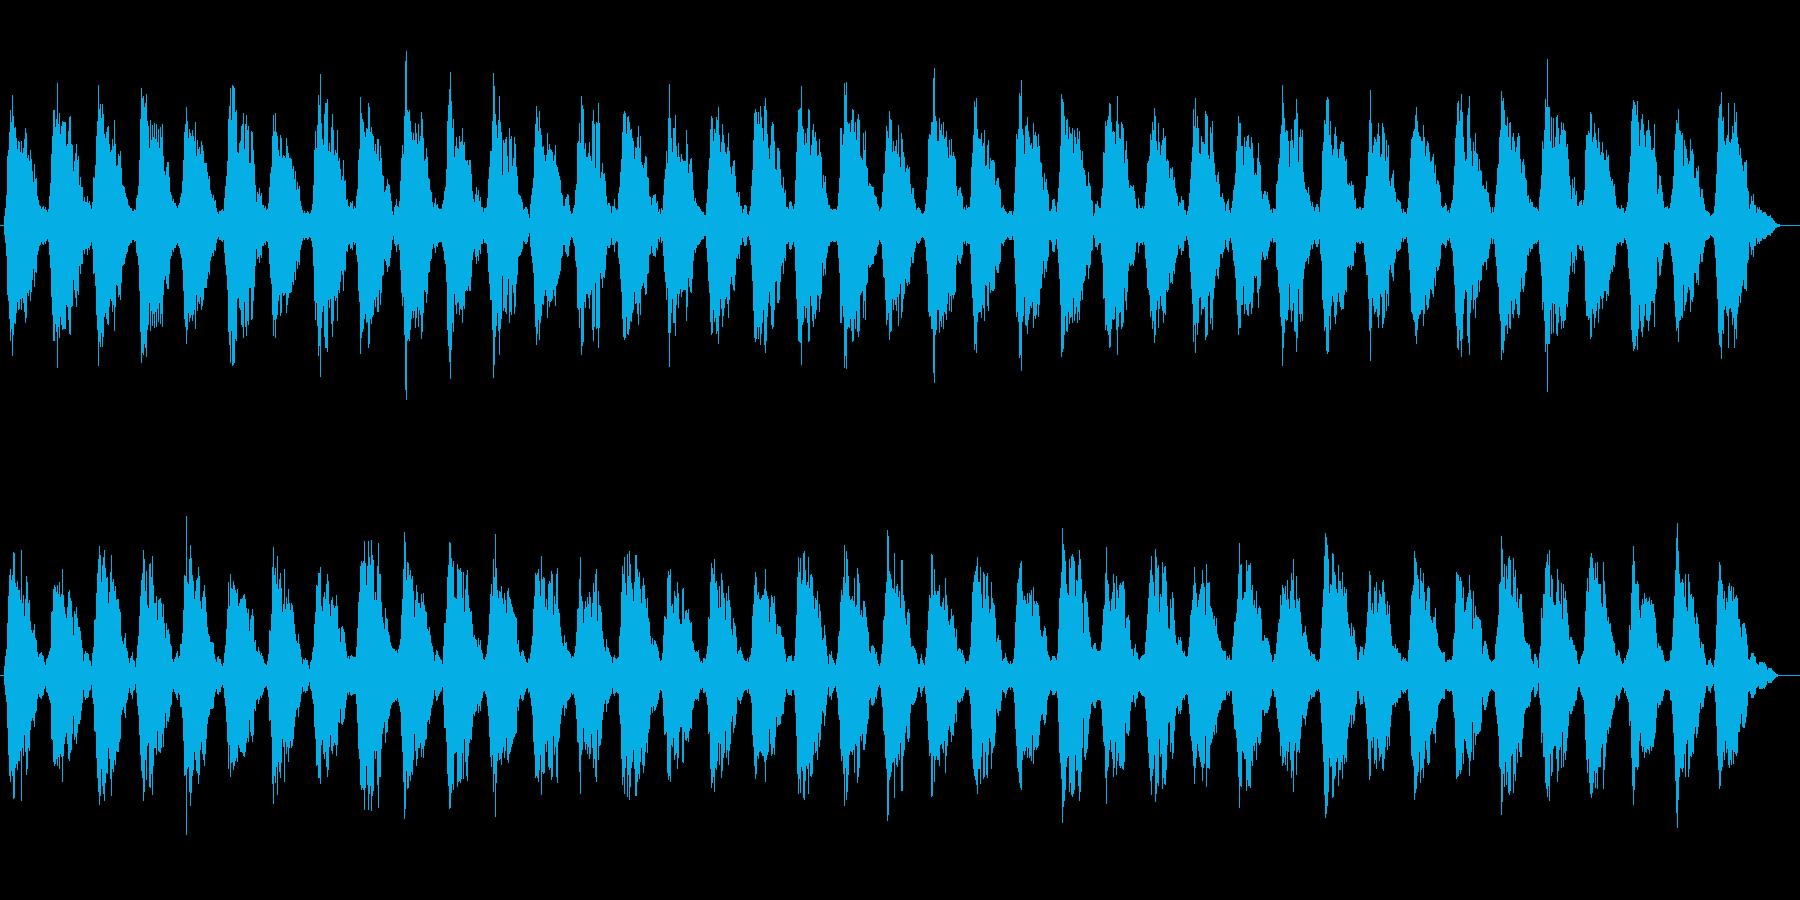 時間がゆっくりと流れるシンセサウンドの再生済みの波形